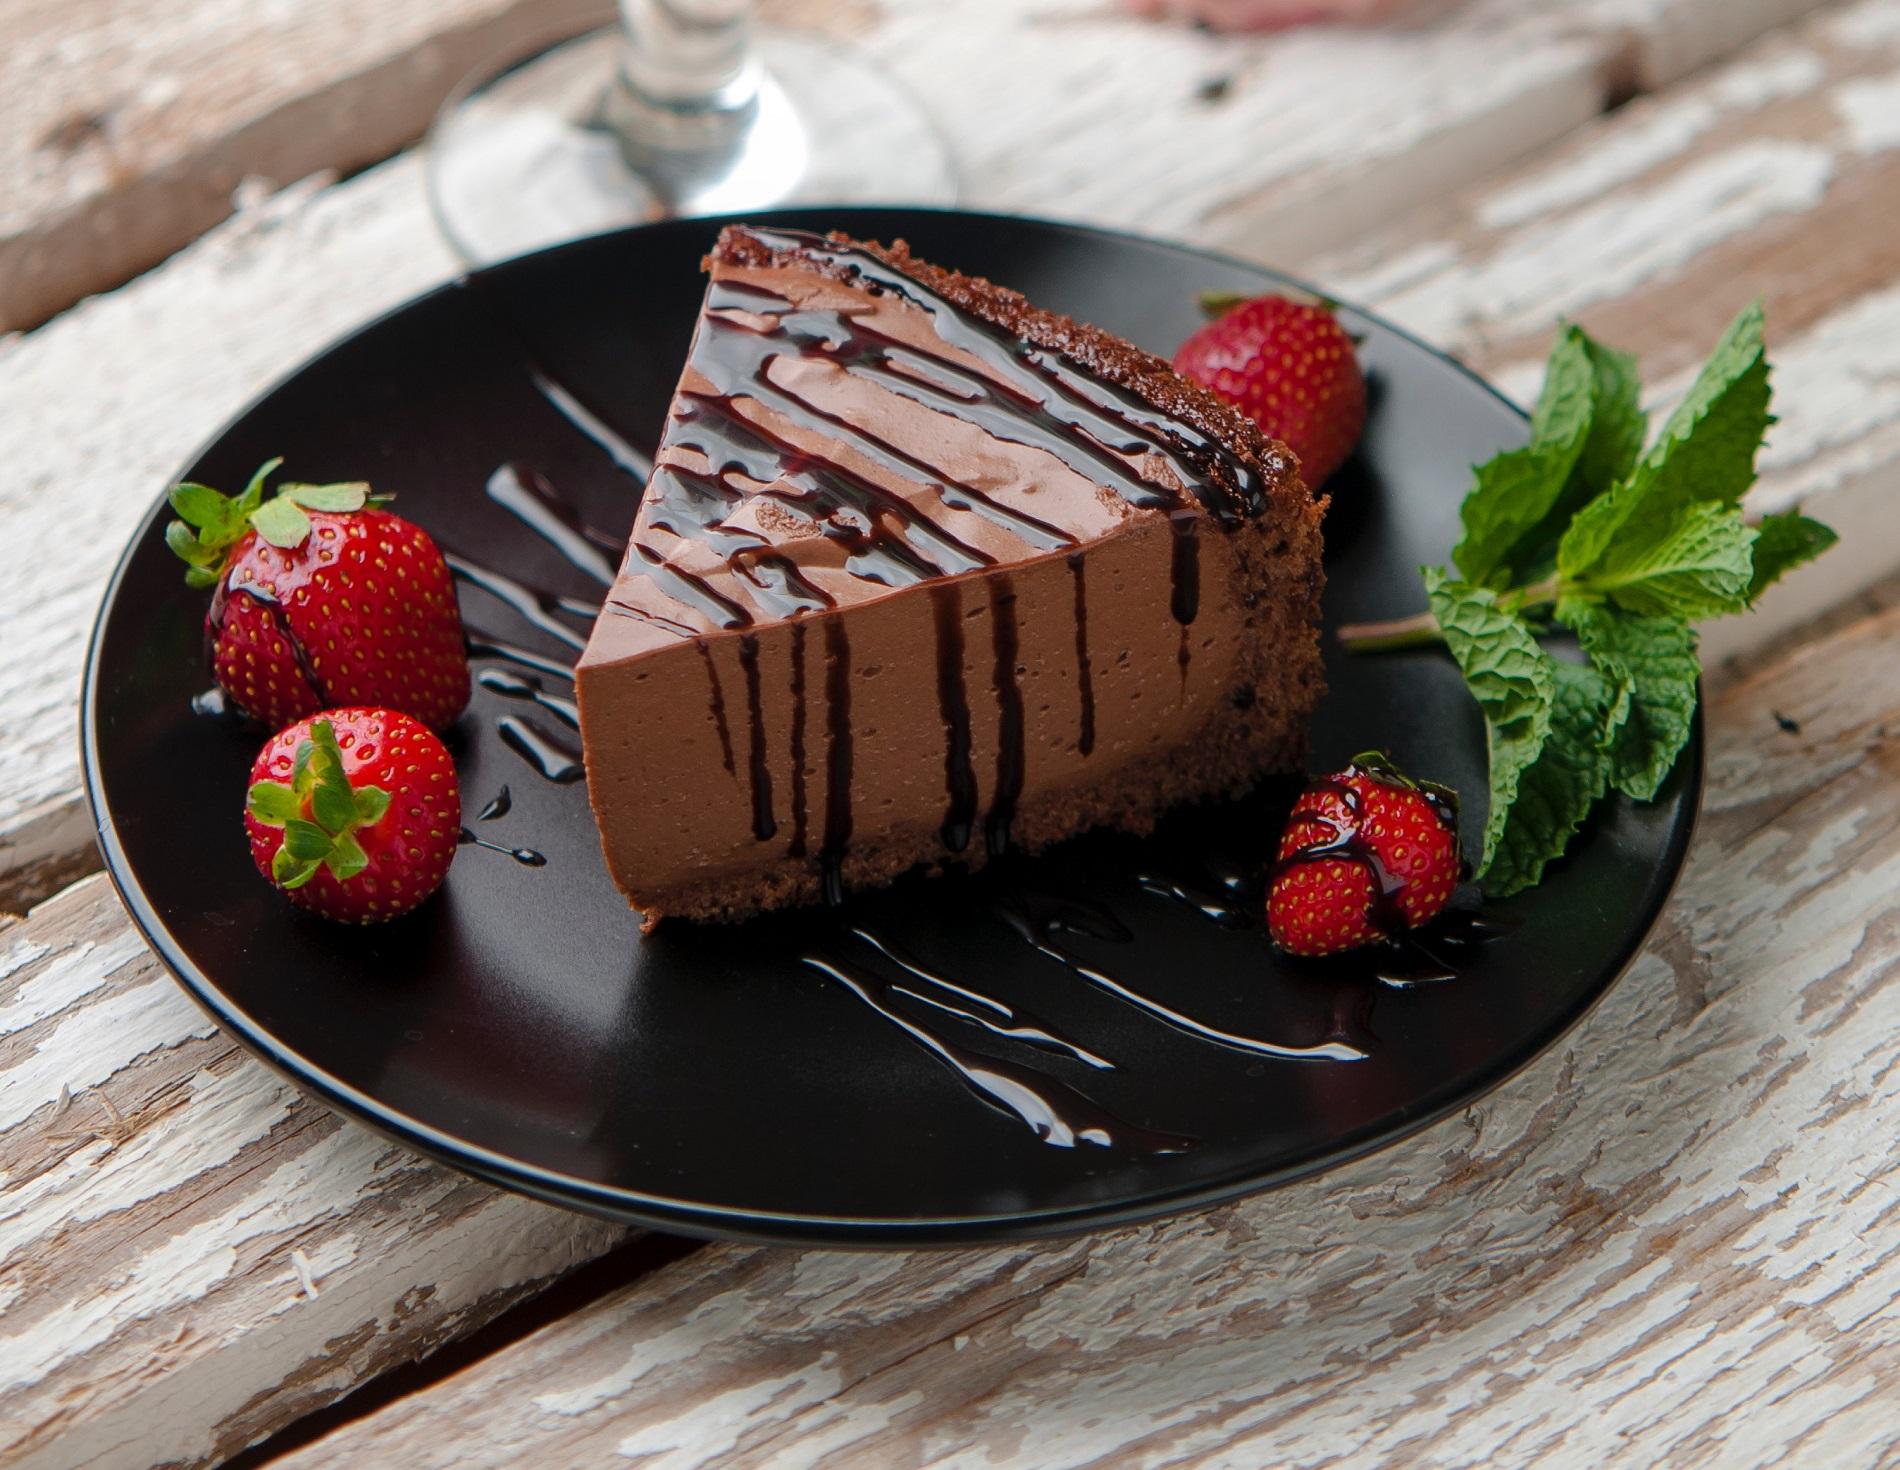 CHOCOLATE PUDDING CHEESECAKE